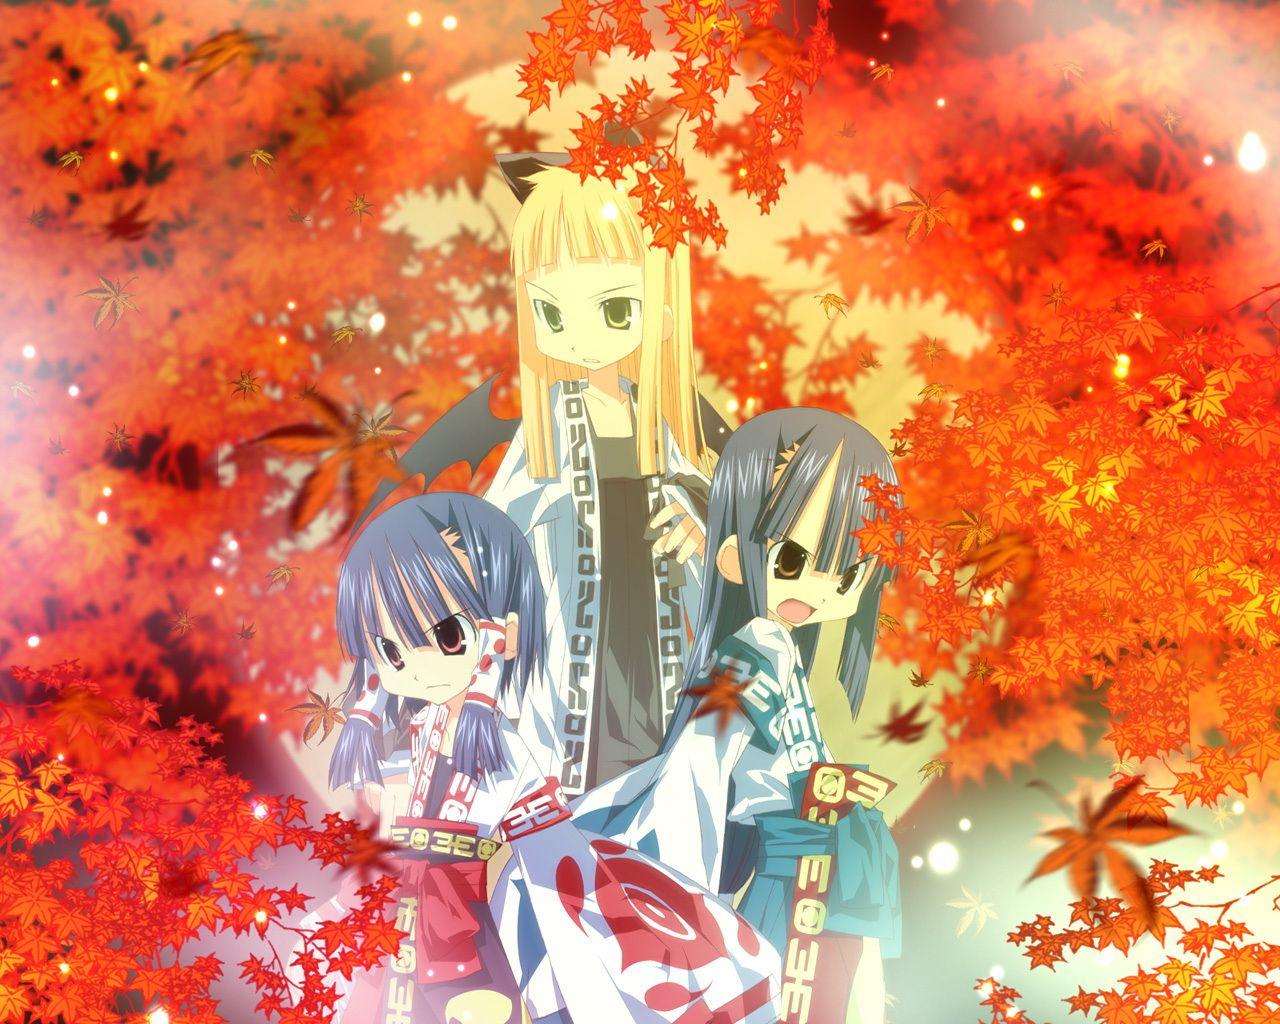 autumn japanese_clothes miko tagme